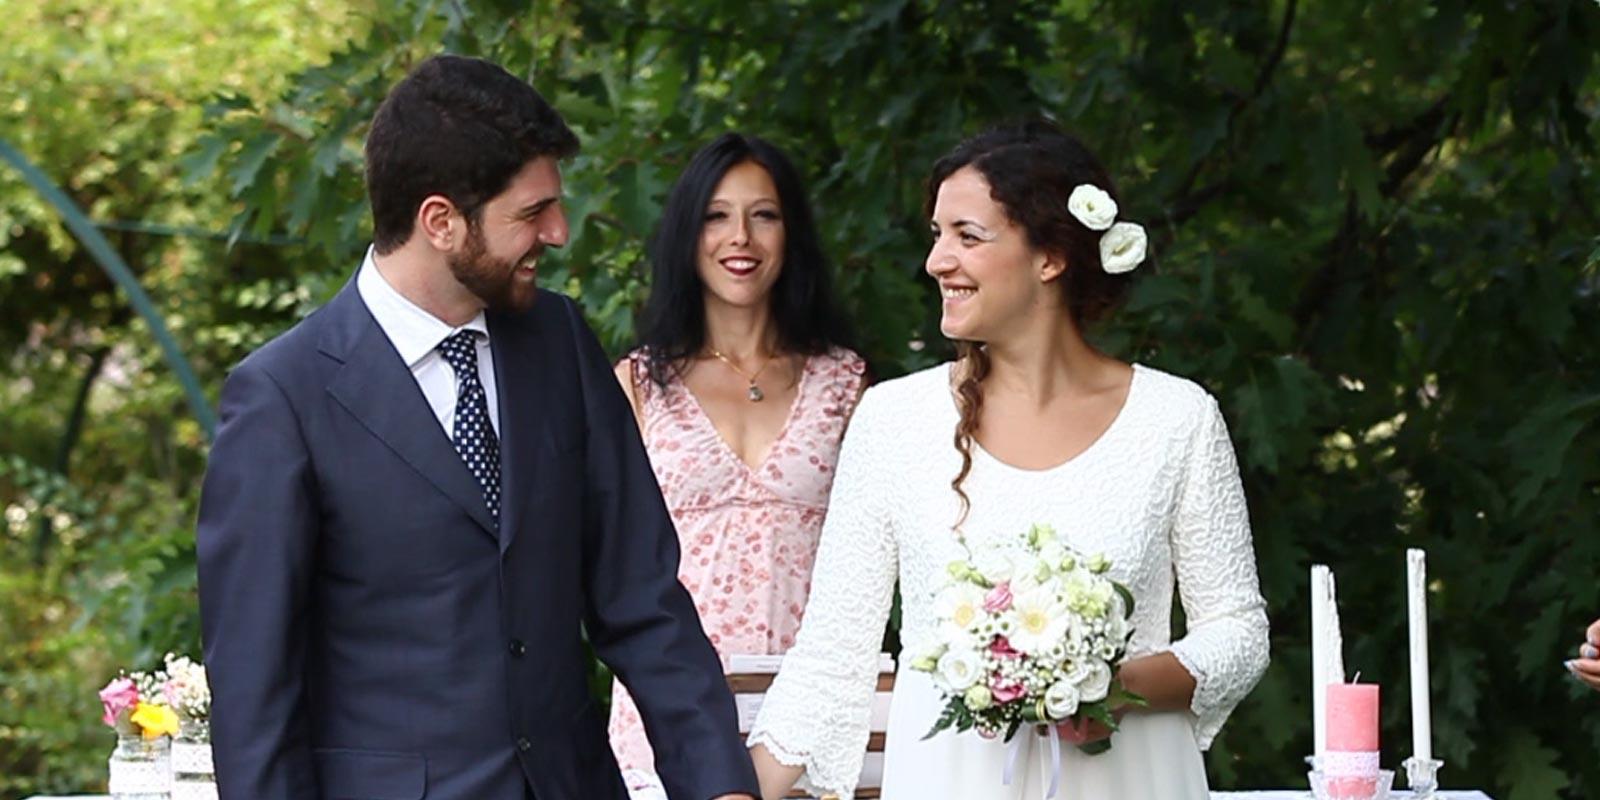 Matrimonio Simbolico Chi Lo Celebra : Cerimonia di matrimonio simbolico con rito personalizzato